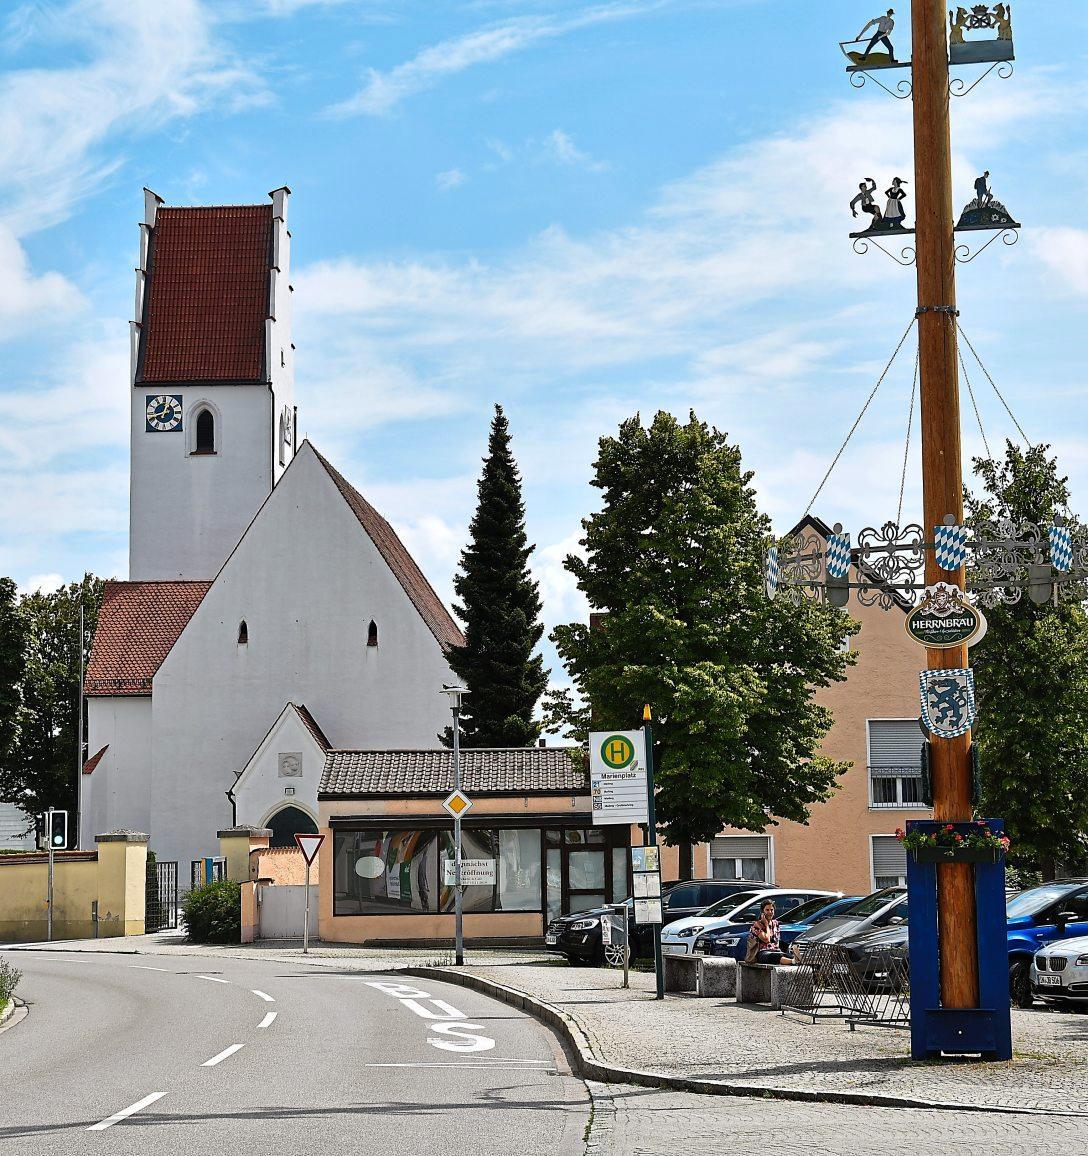 Die Marienkirche in Feldkirchen stammt aus dem späten 14. Jahrhundert. Erbaut wurde sie im Stil der Gotik. Die Kapelle auf der Nordseite wird auf das 15. Jahrhundert datiert.             Fotos: Bartenschlager